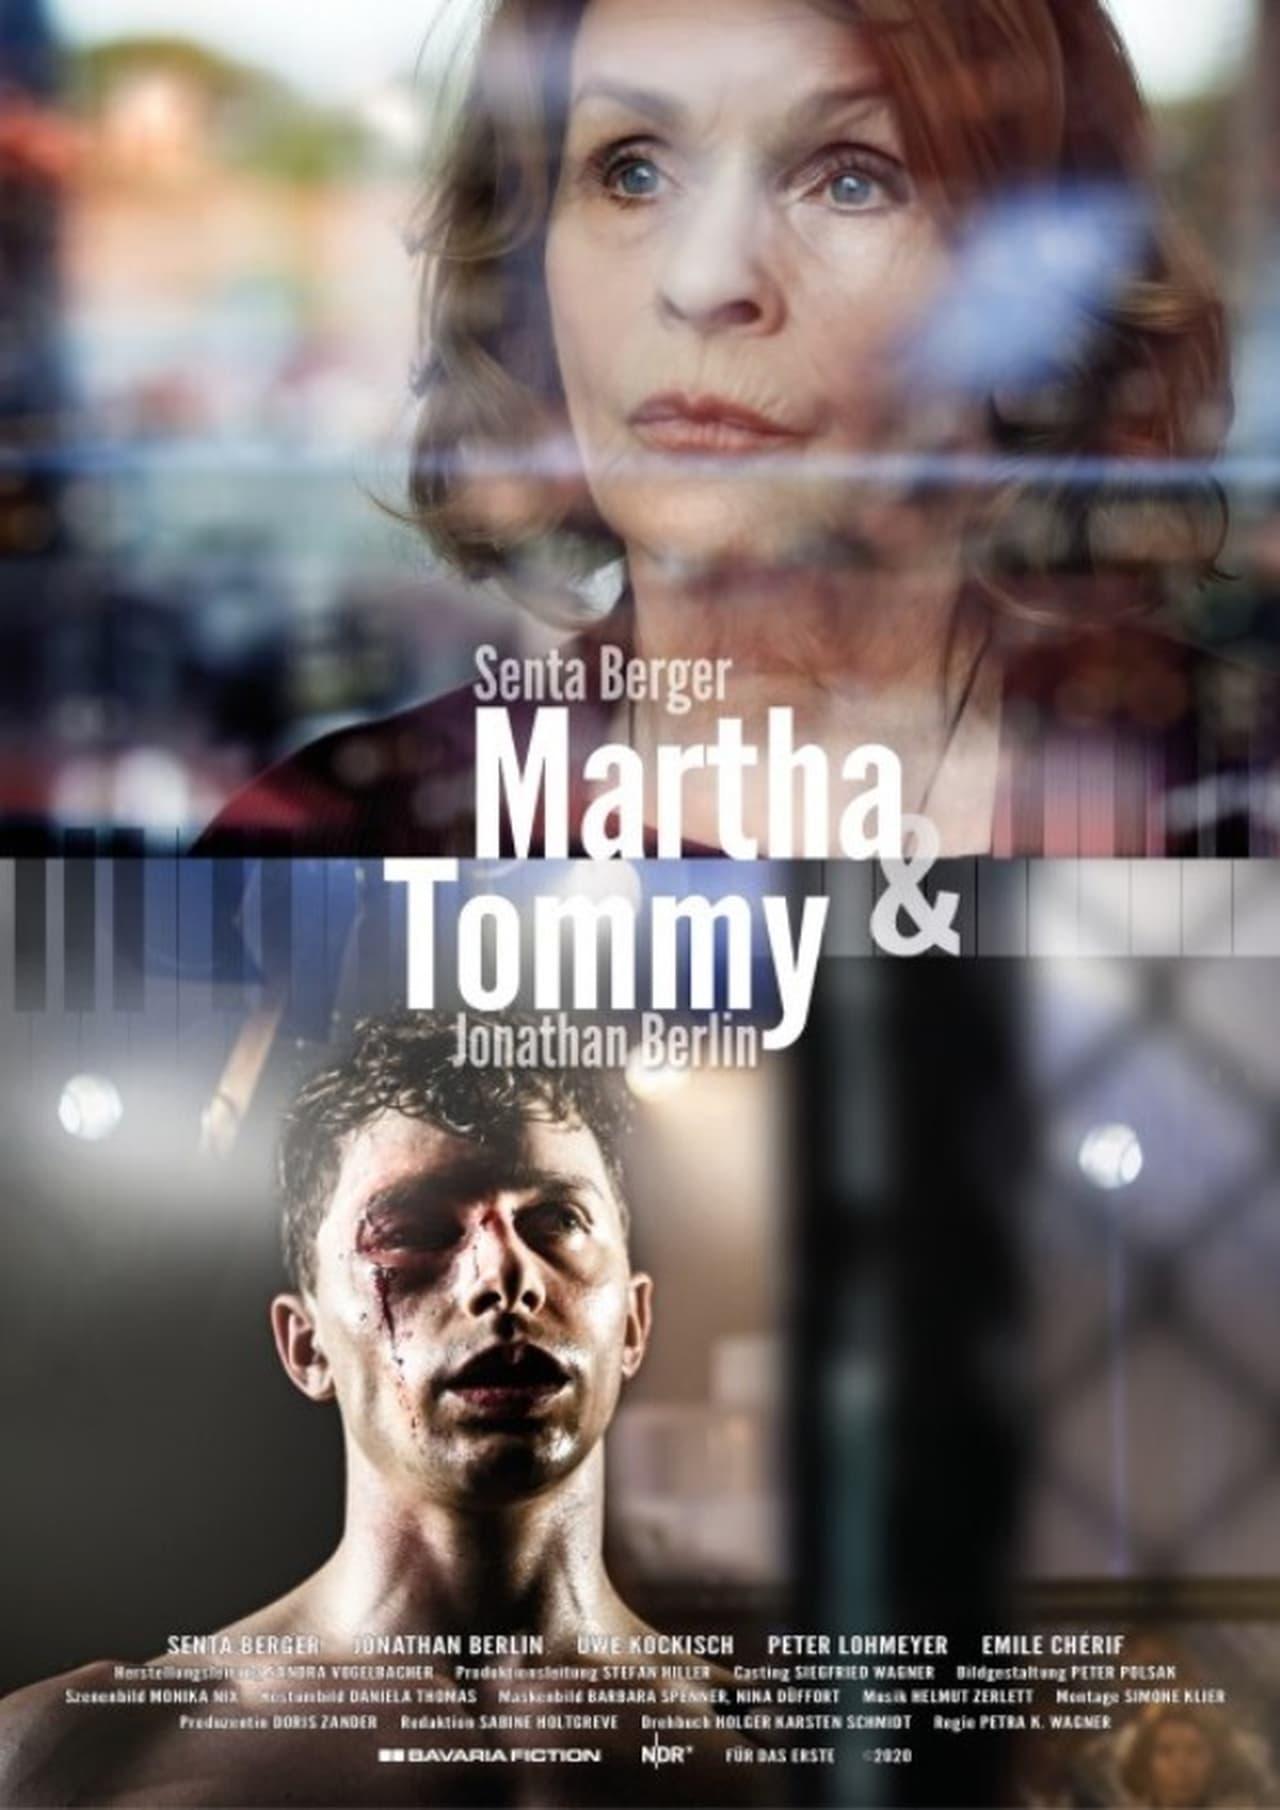 Martha & Tommy